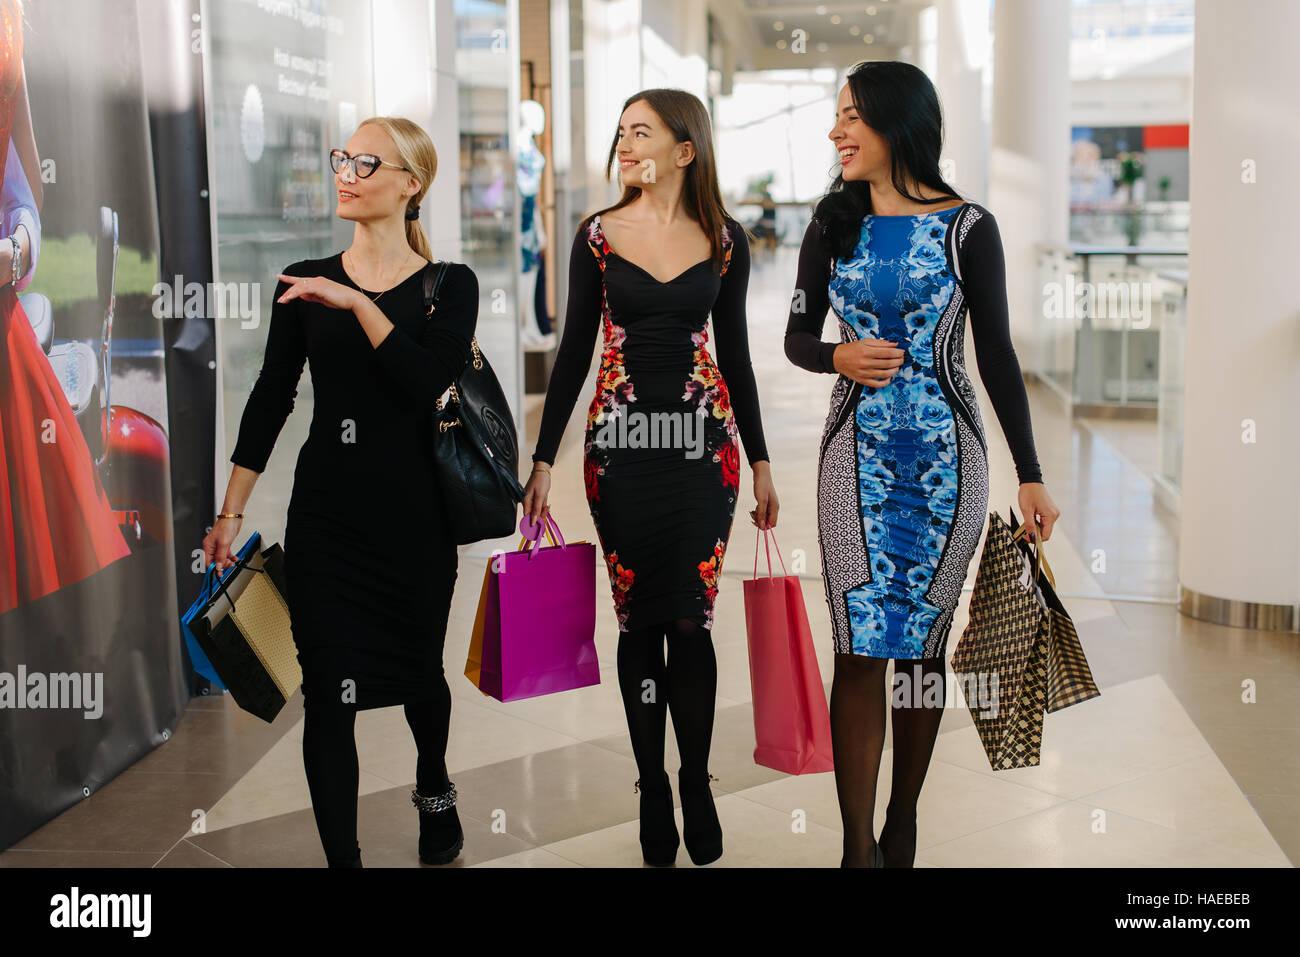 6cb0a14c5d Drei attraktive Frauen haben in großen Einkaufszentrum einkaufen. Frauen  tragen Kleider und Einkaufstüten in der Hand haben.